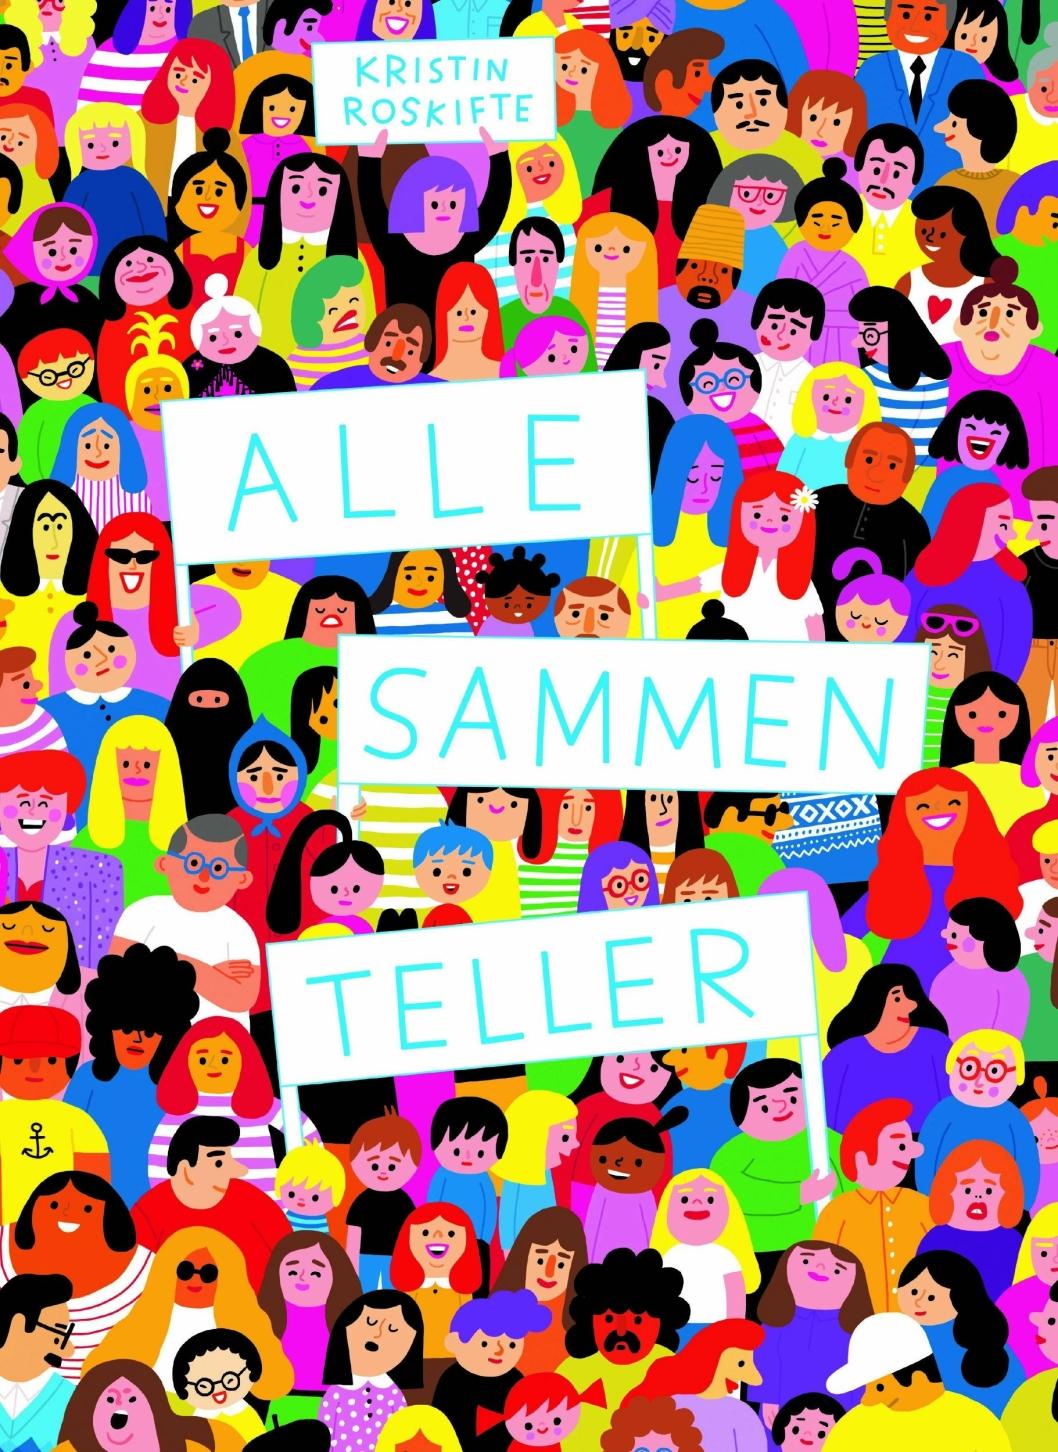 """""""Alle sammen teller"""" av Kristin Roskifte."""